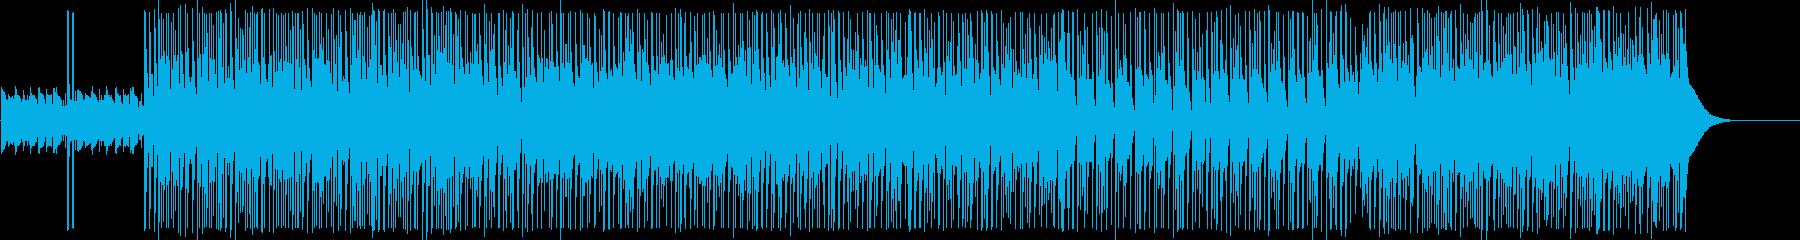 うきうきルンルンなおしゃれポップスの再生済みの波形